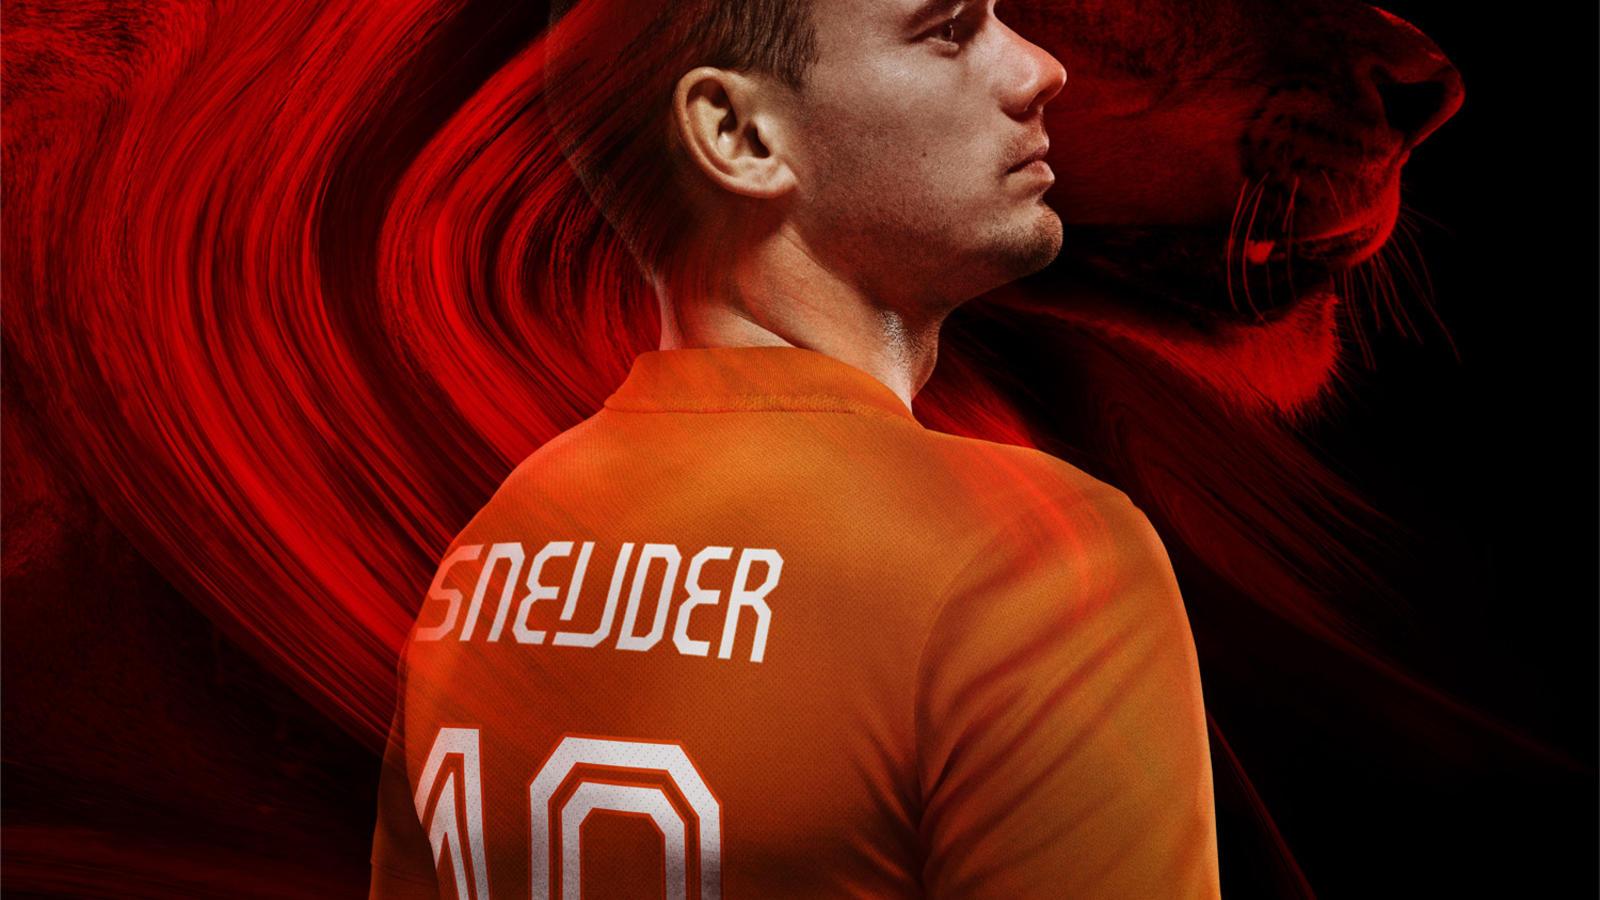 Sneijder Home